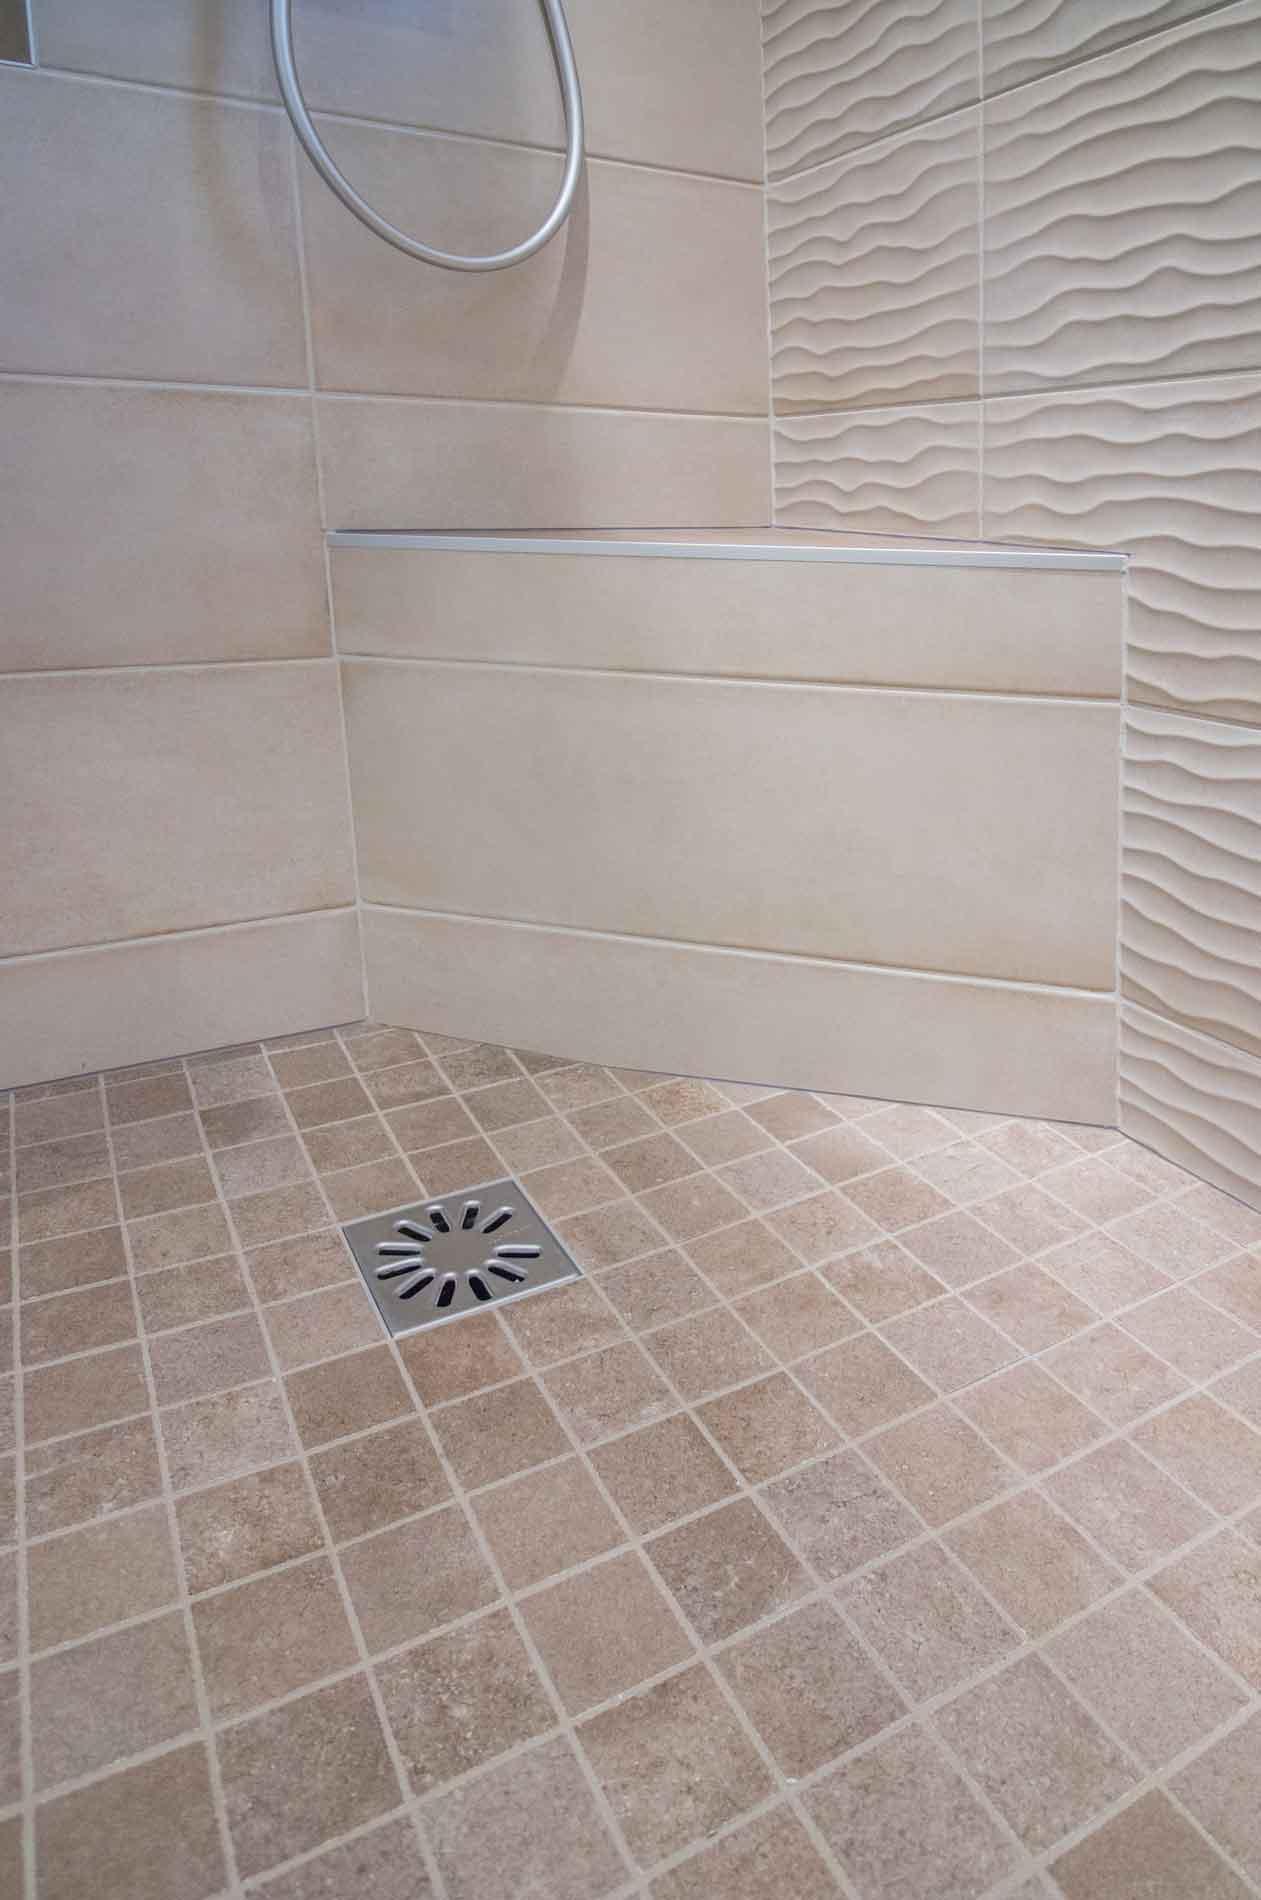 Un receveur de douche à carreler pour créer une mosaïque au sol créé lors de cette rénovation